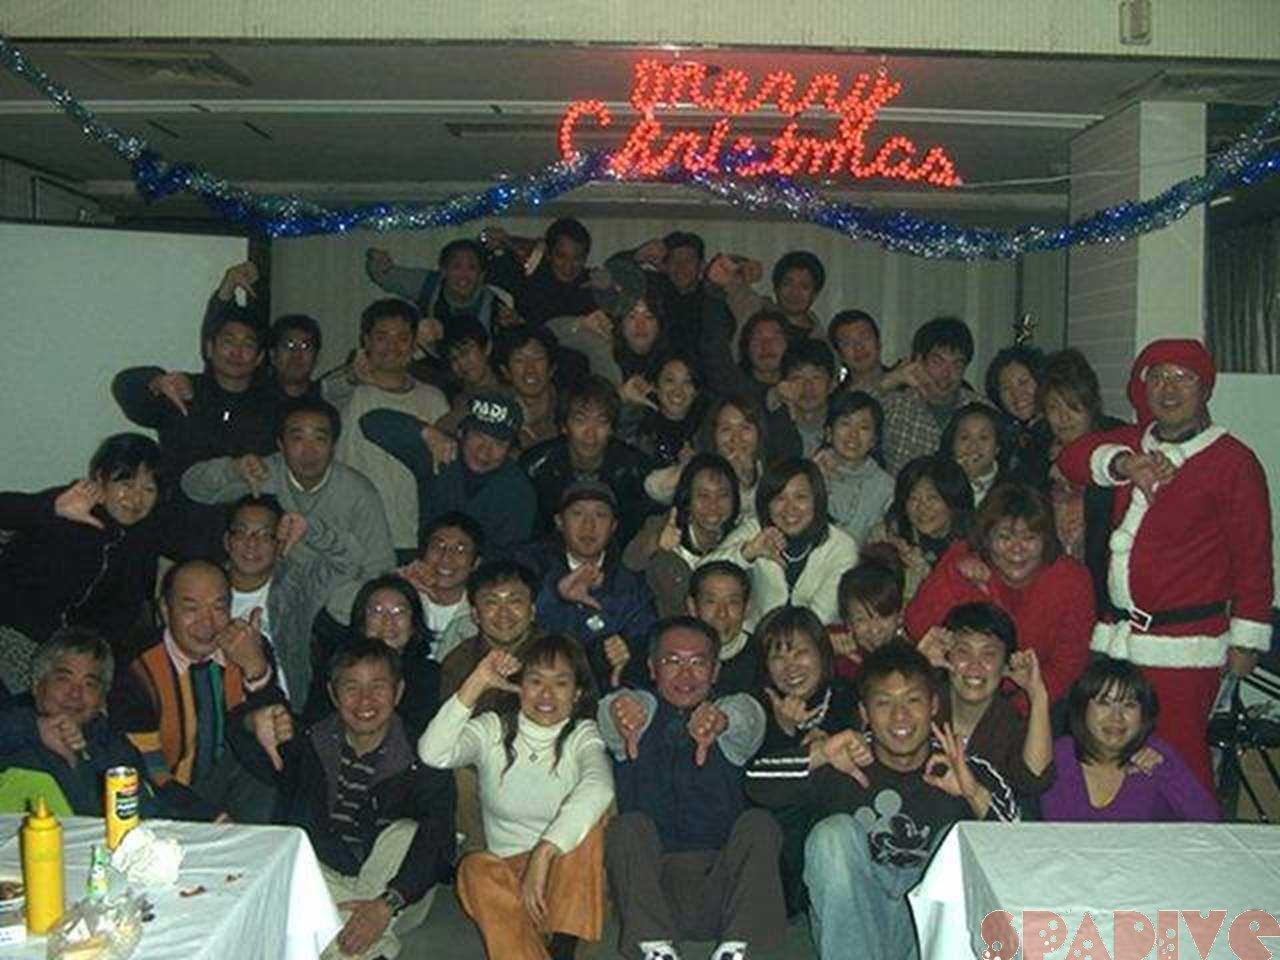 Archimedesクリスマスパーティーin大阪|12/19/2005